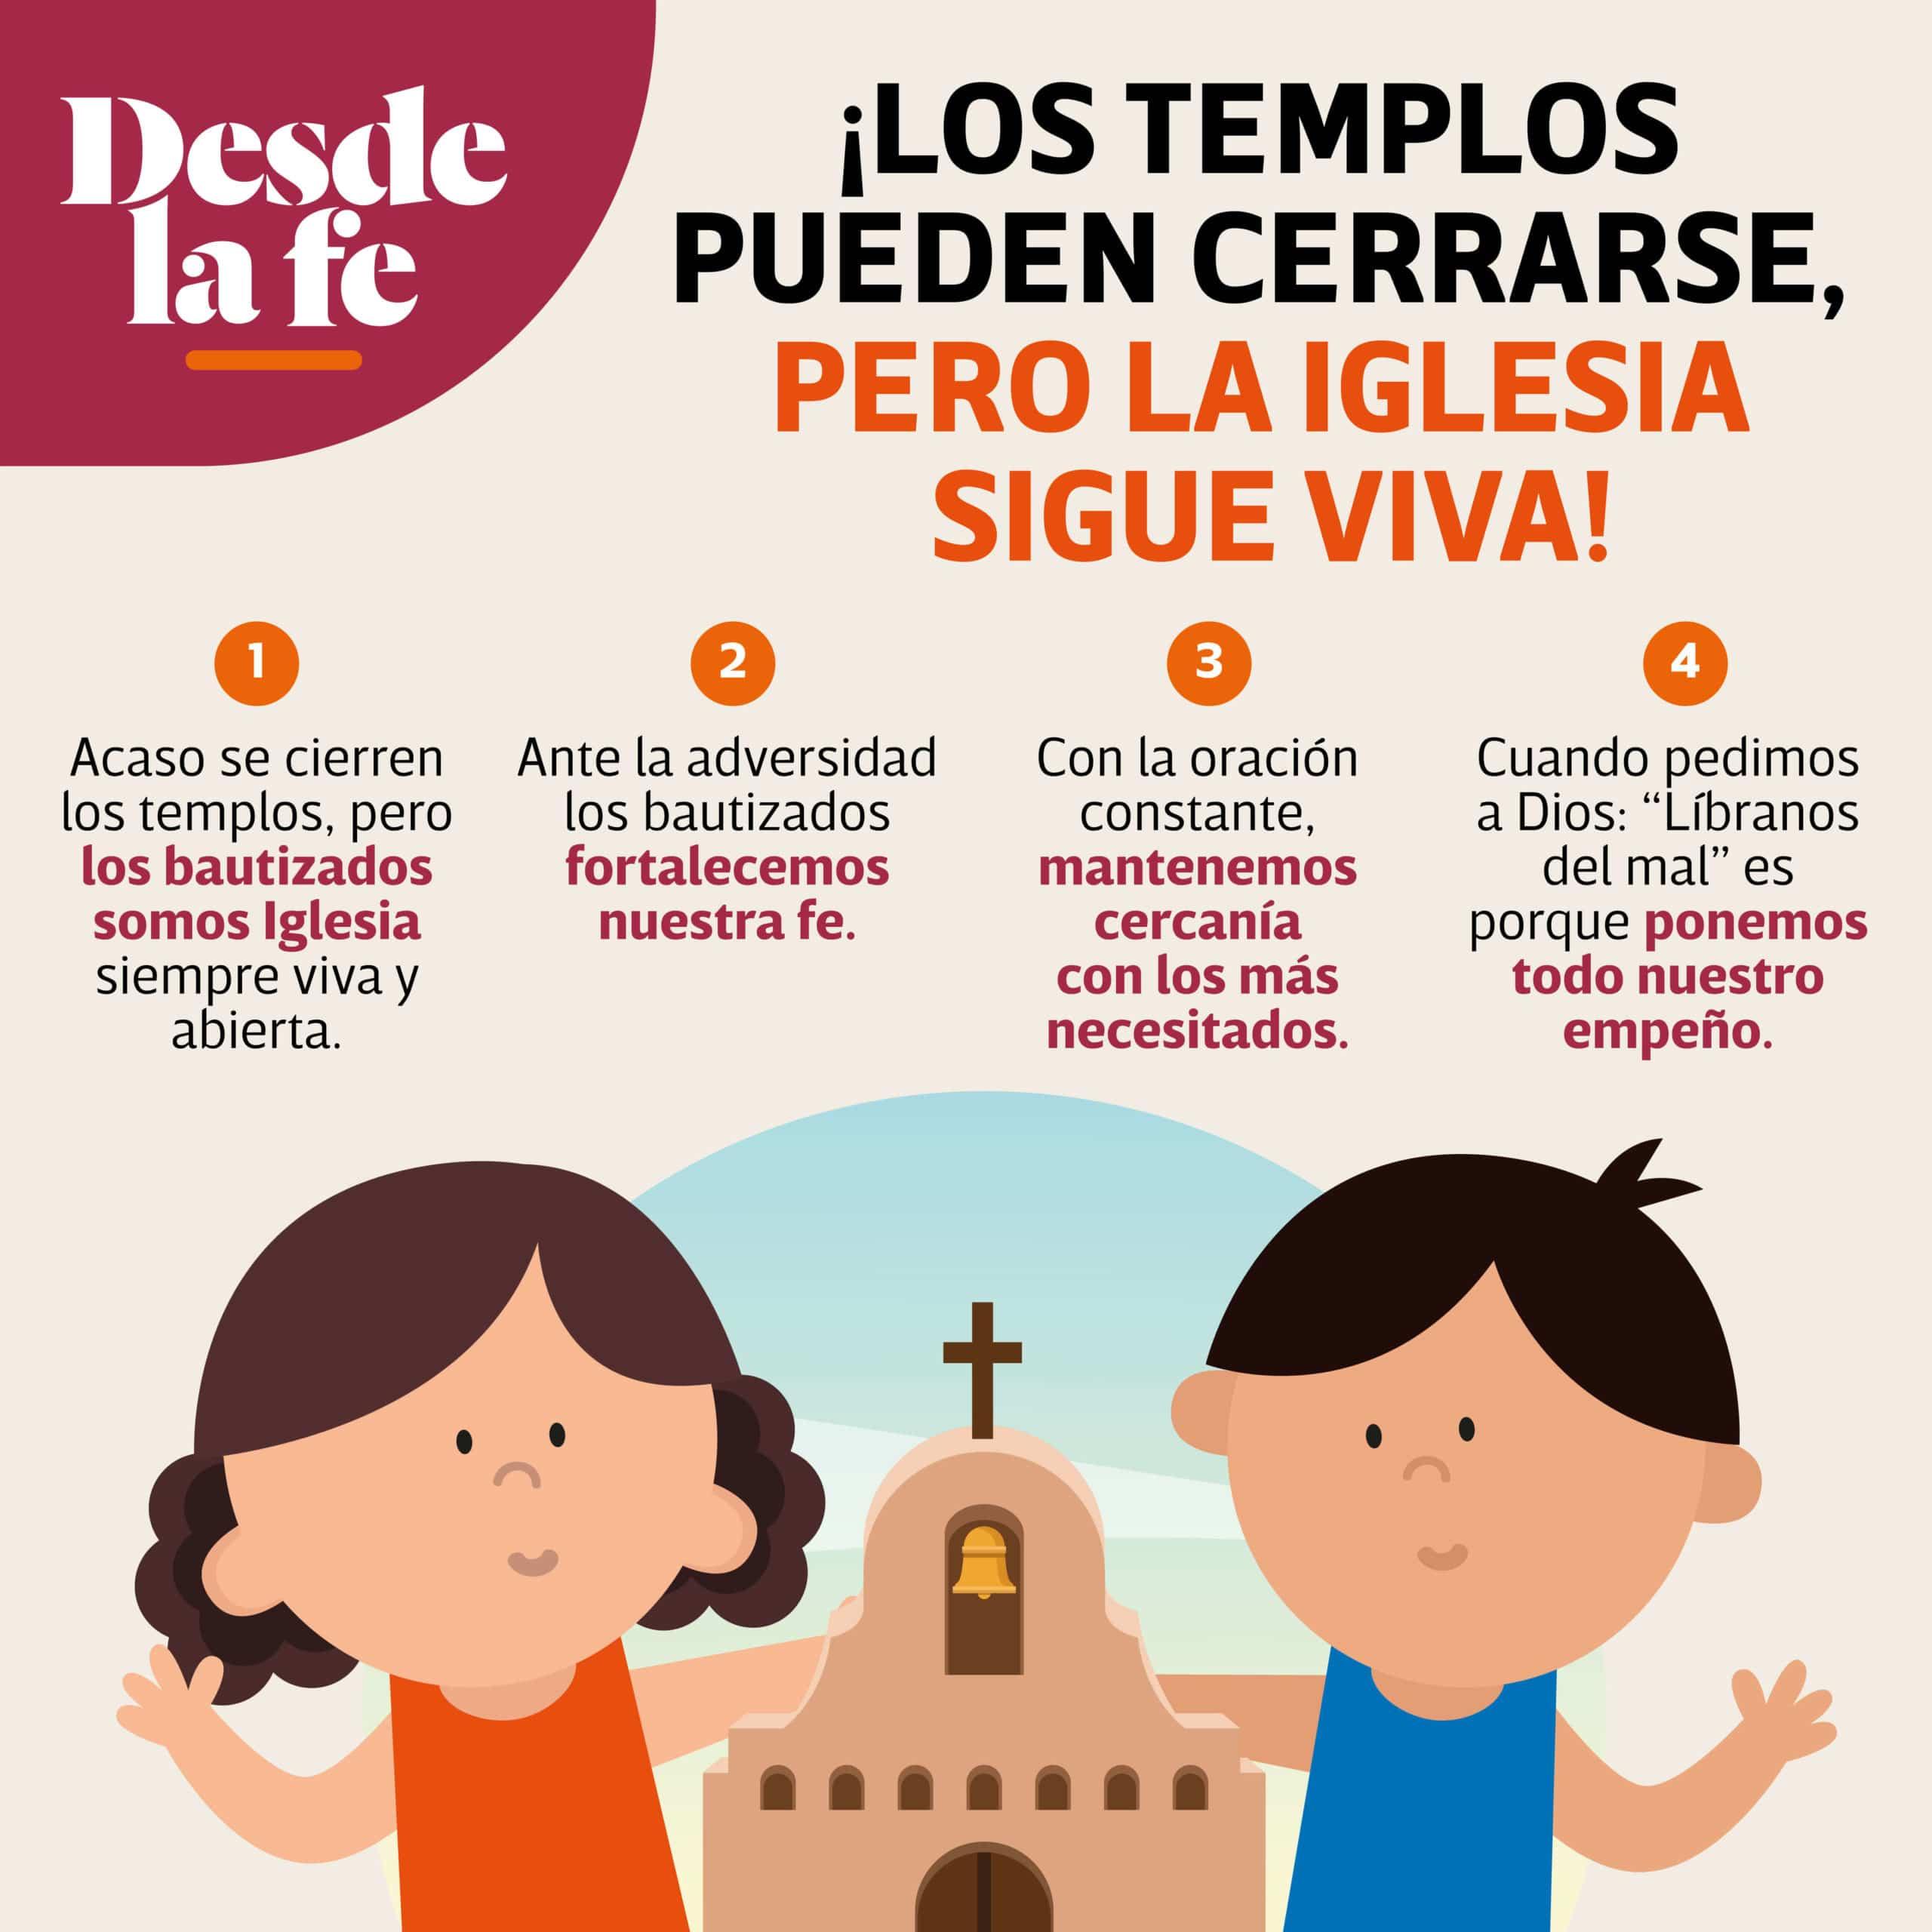 Aunque los templos estén cerrados, la Iglesia sigue viva.